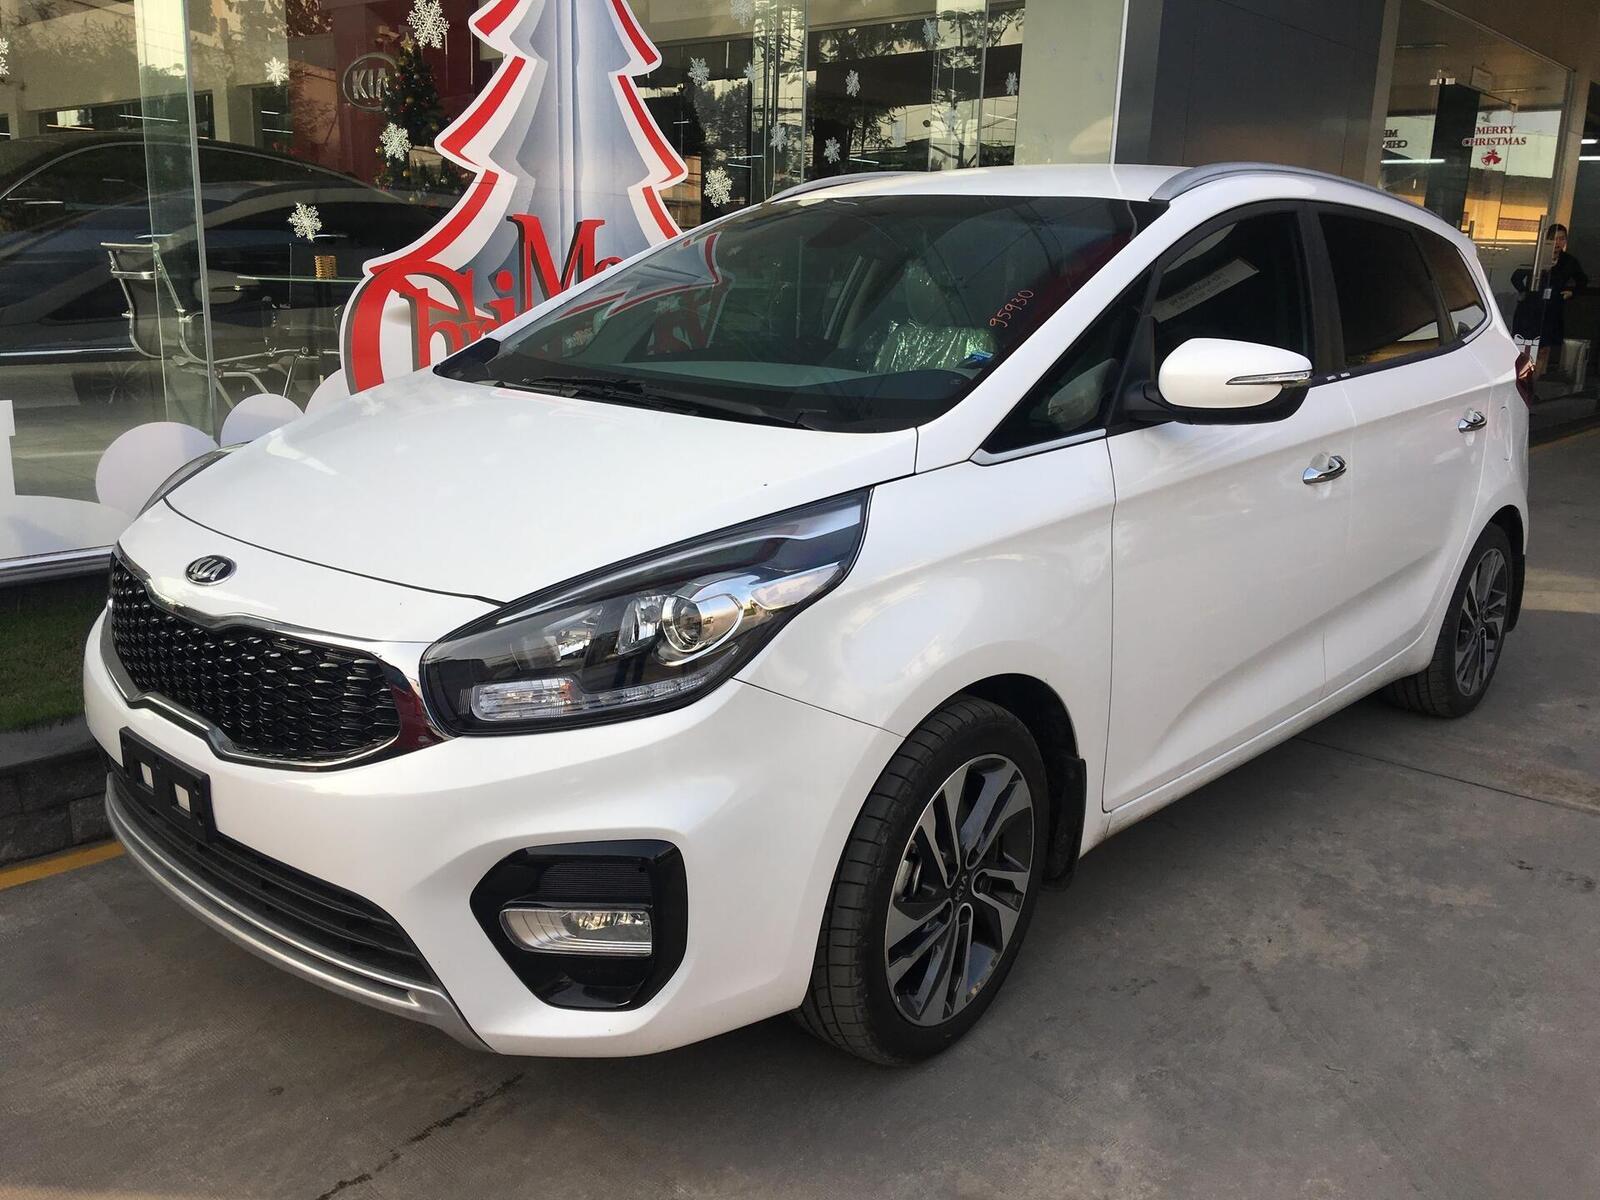 10 mẫu ôtô rẻ nhất theo từng phân khúc tại Việt Nam - Hình 10